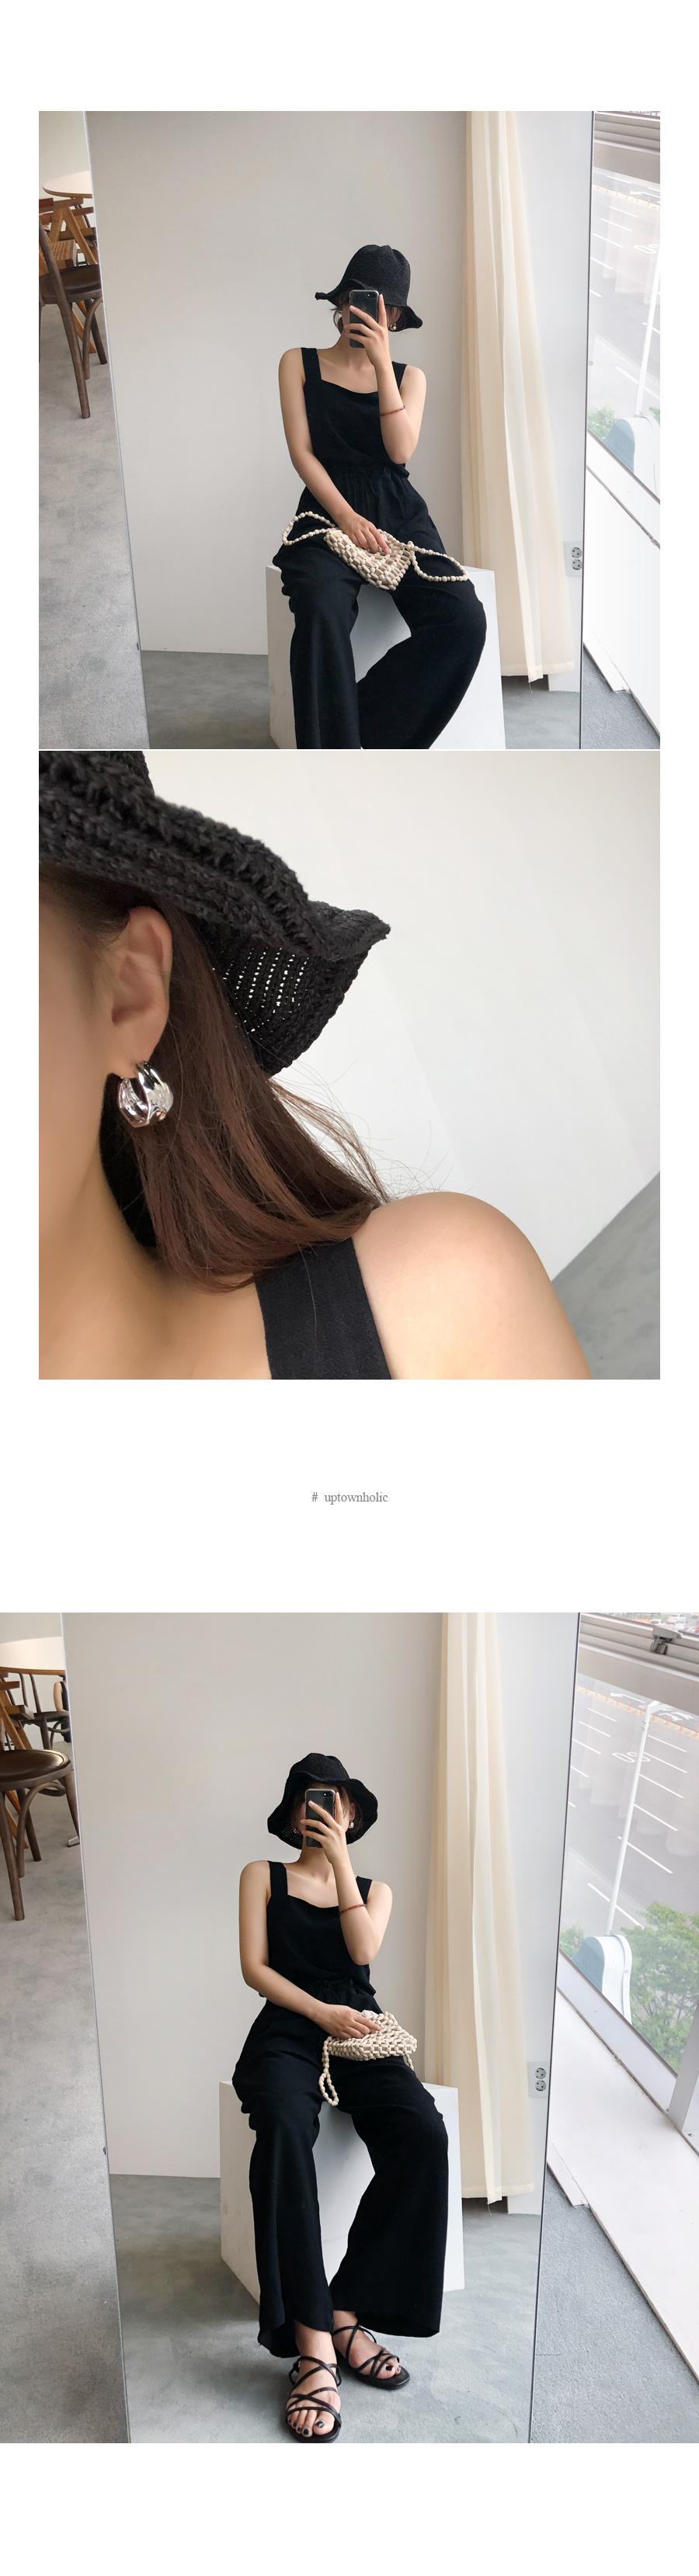 Branch office hat